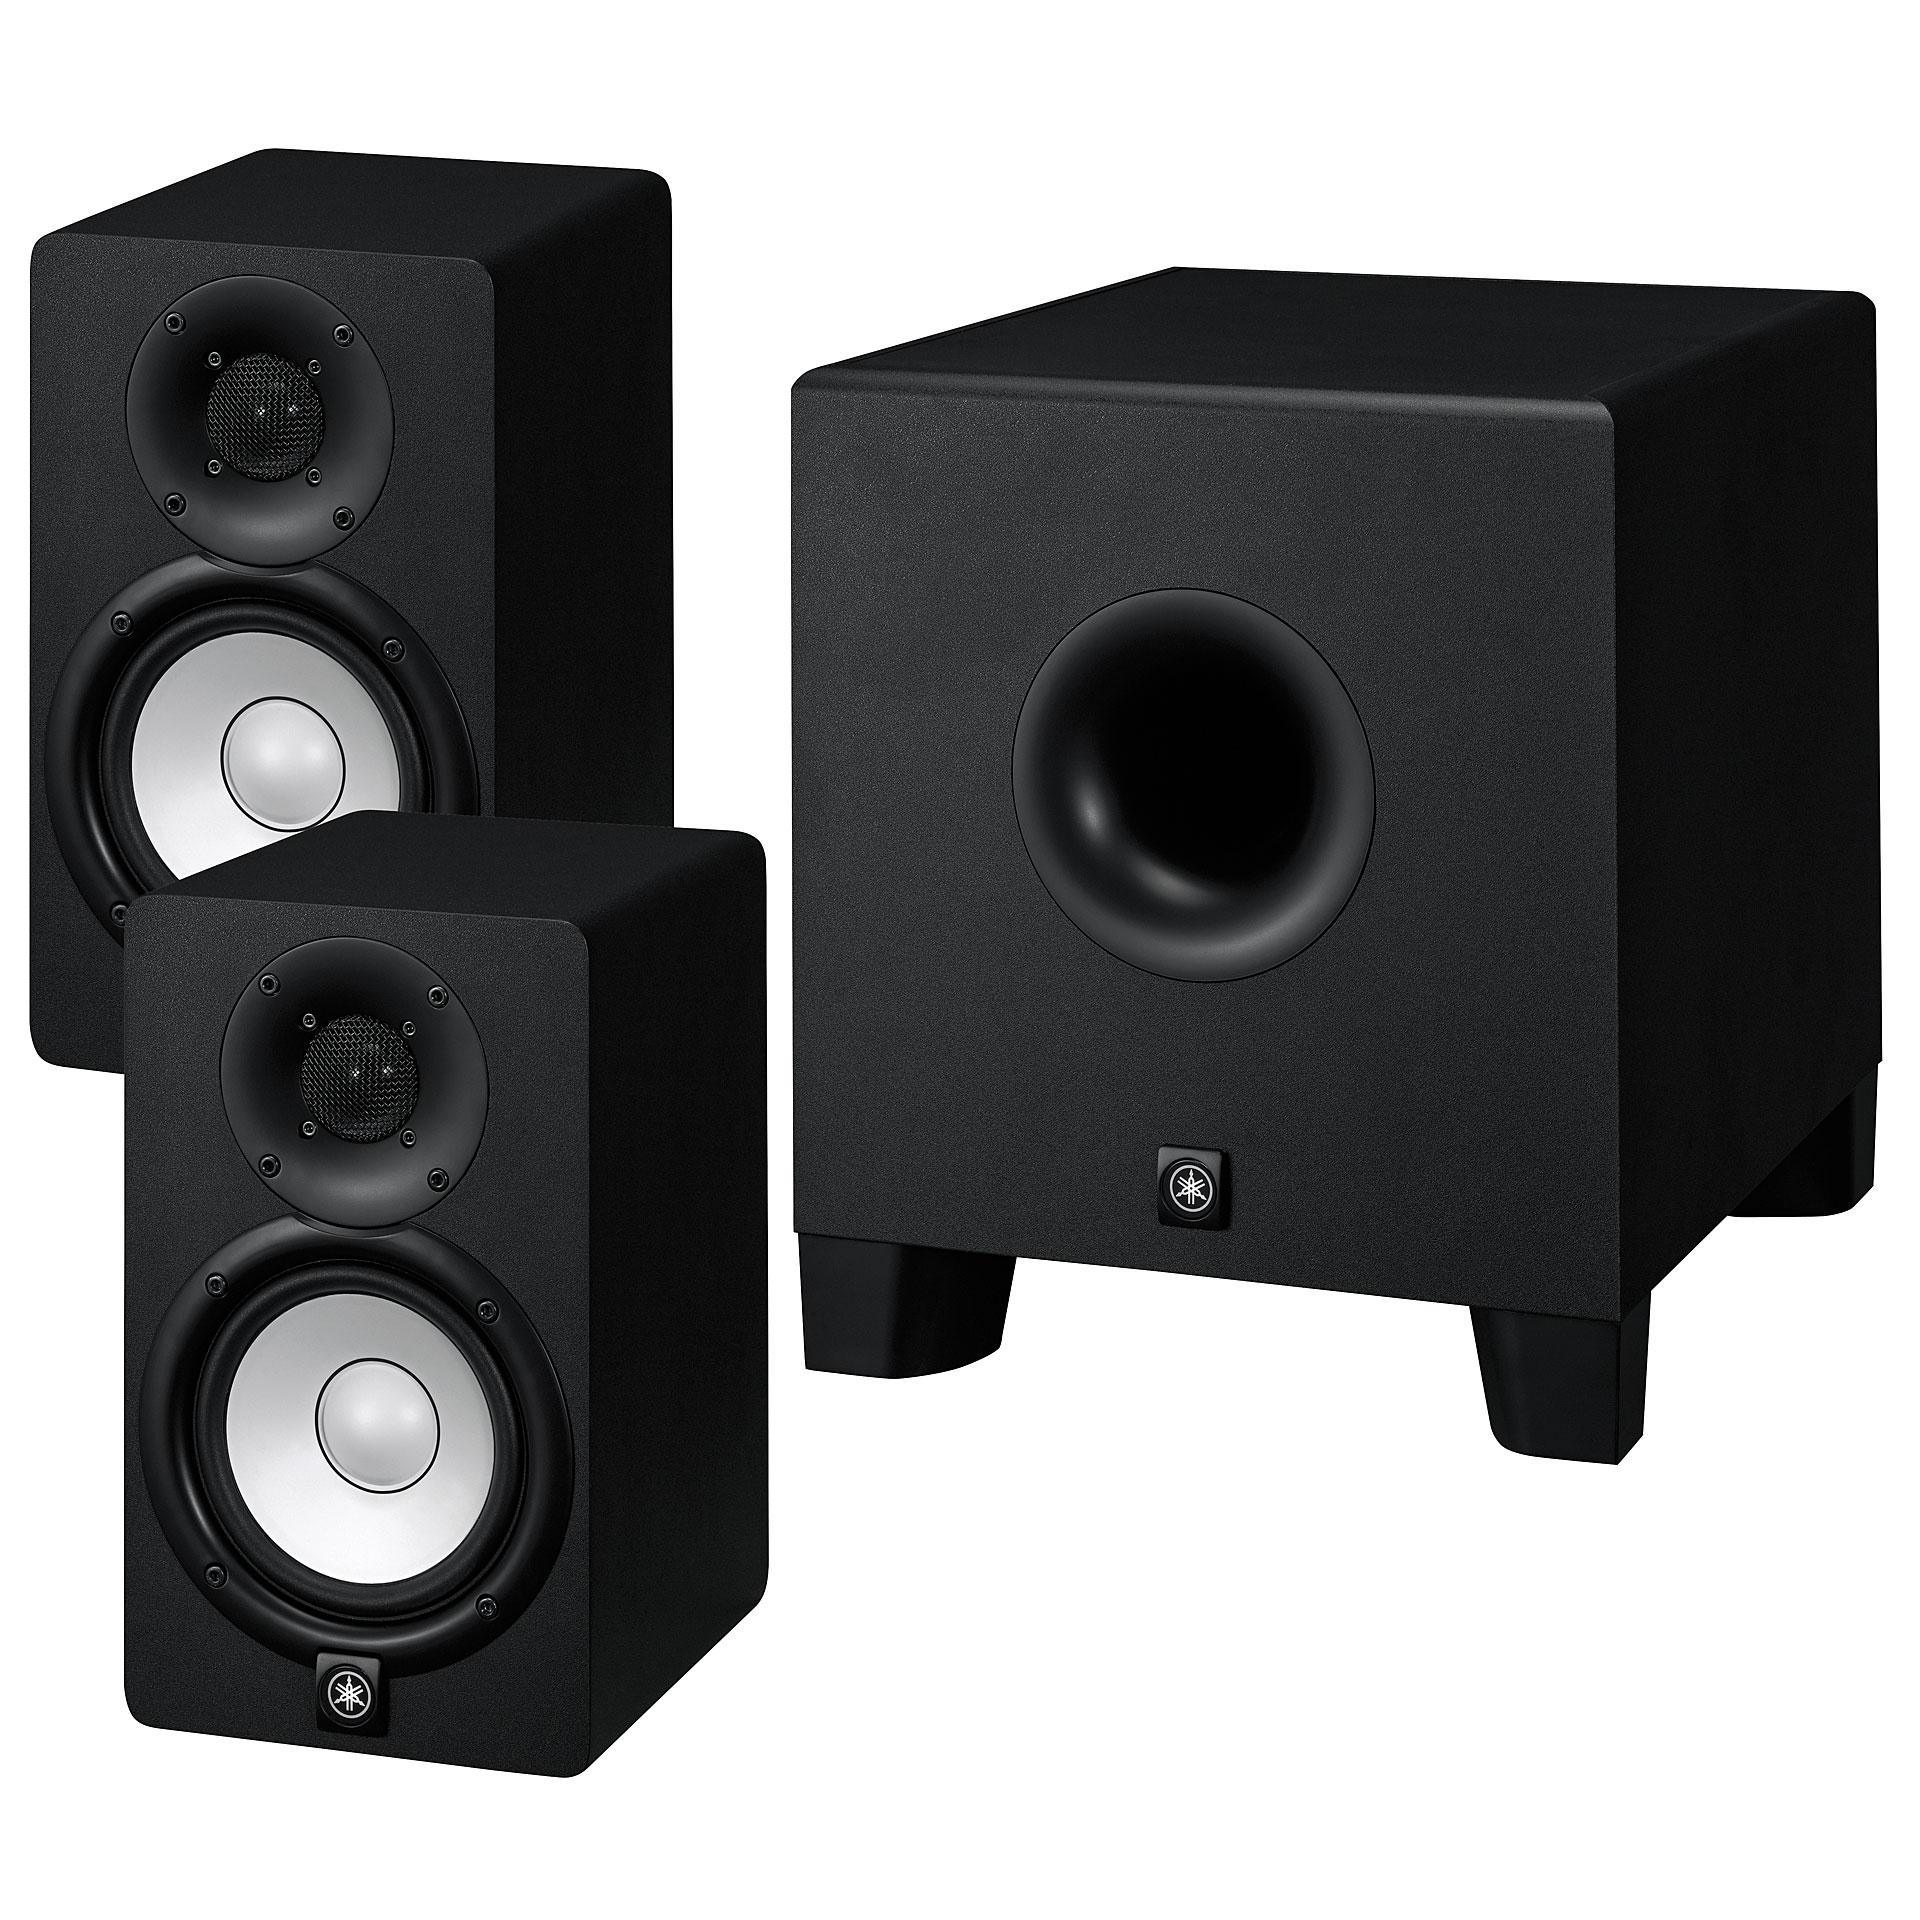 yamaha hs5 subwooferbundle aktiv monitor. Black Bedroom Furniture Sets. Home Design Ideas